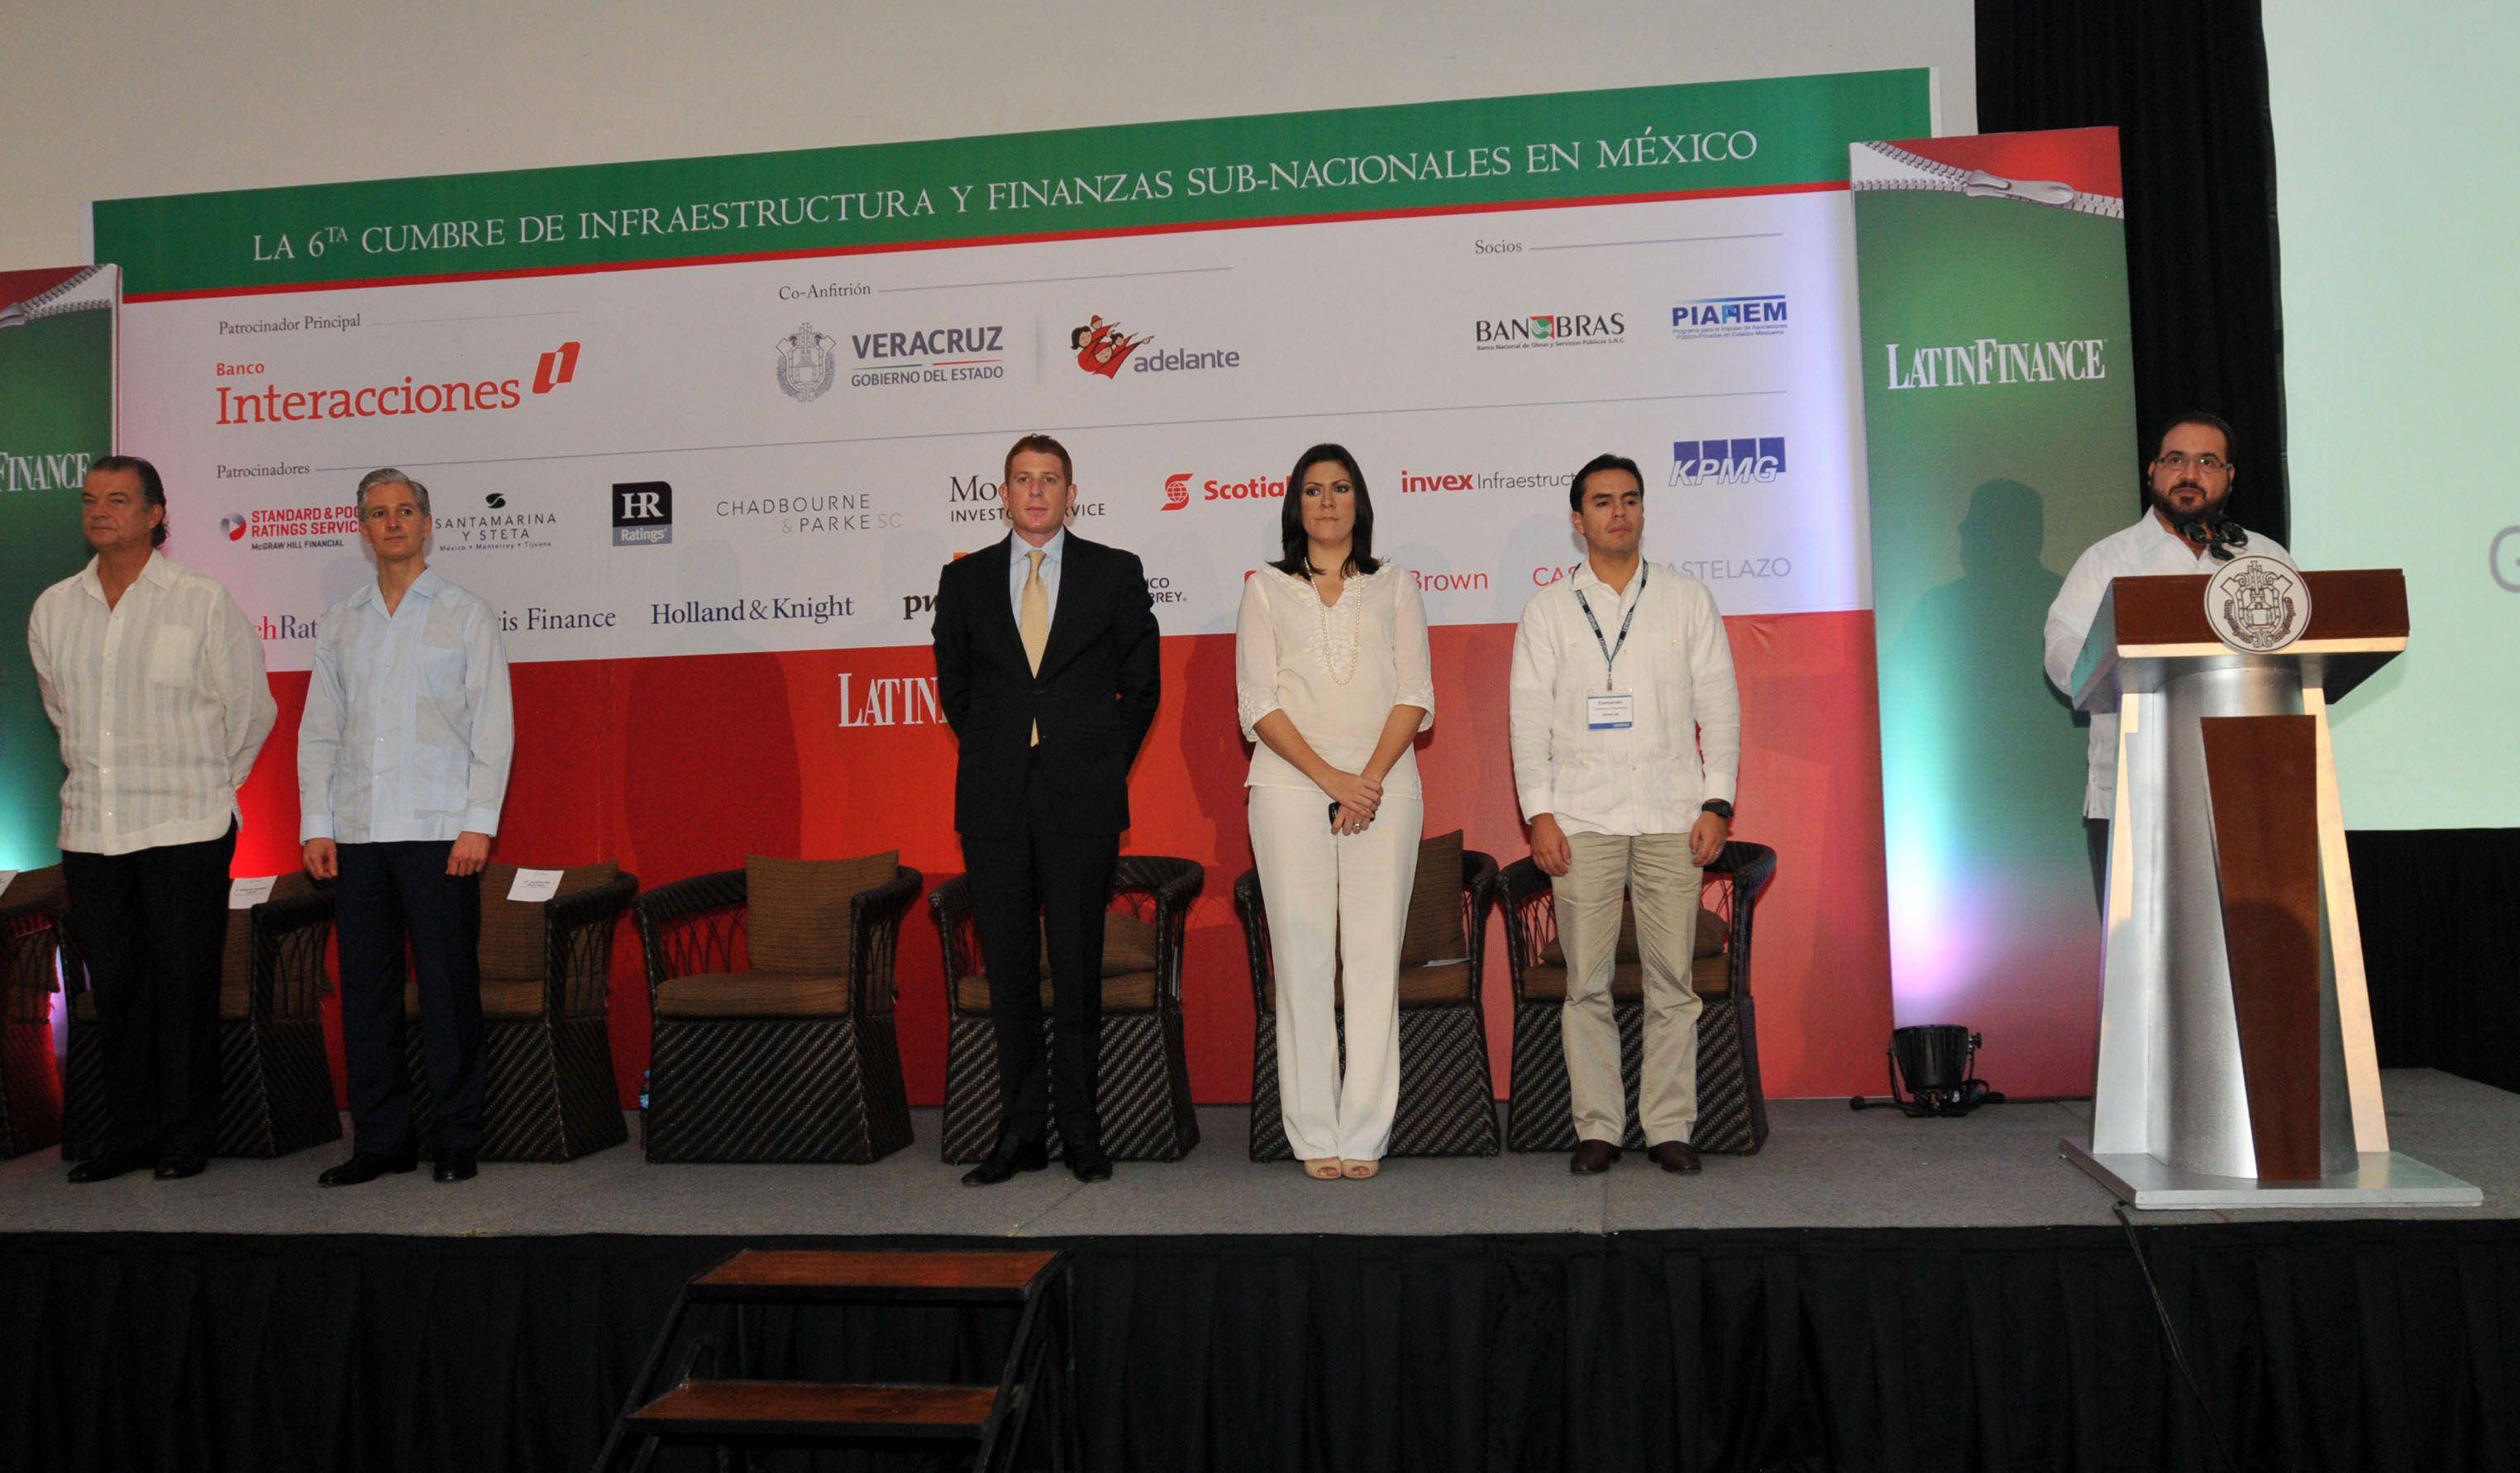 En la inauguración de la Sexta Cumbre de Infraestructura y Finanzas Subnacionales en México, el gobernador Javier Duarte de Ochoa, aseguró que Veracruz cuenta con una economía responsable que genera empleo y bienestar para las familias.